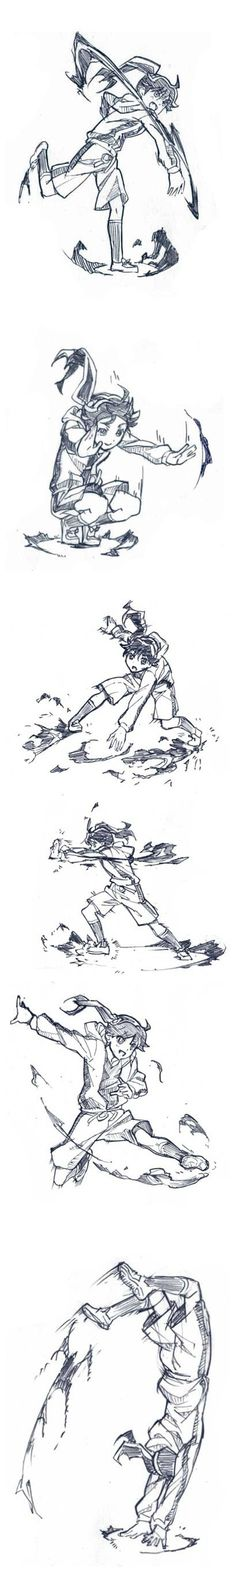 Il a ajouté un ki sa animation の grandes actions de combat de référence de croissant ...